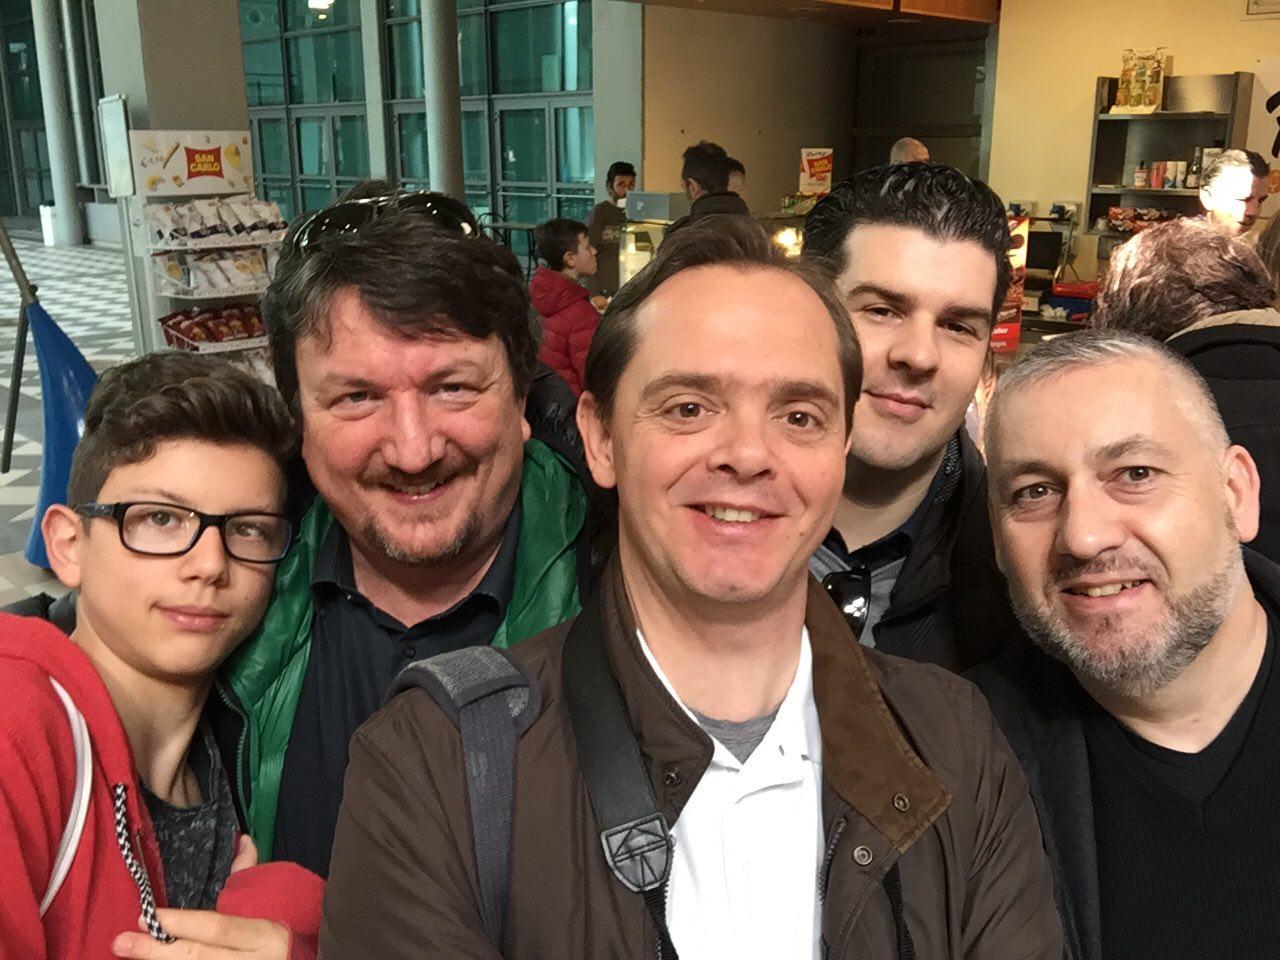 Lo staff di DaniReef in giro per Animal Show: Alessandro, Zanna Bianca, DaniReef, ale@RiMiNi e Hioct999